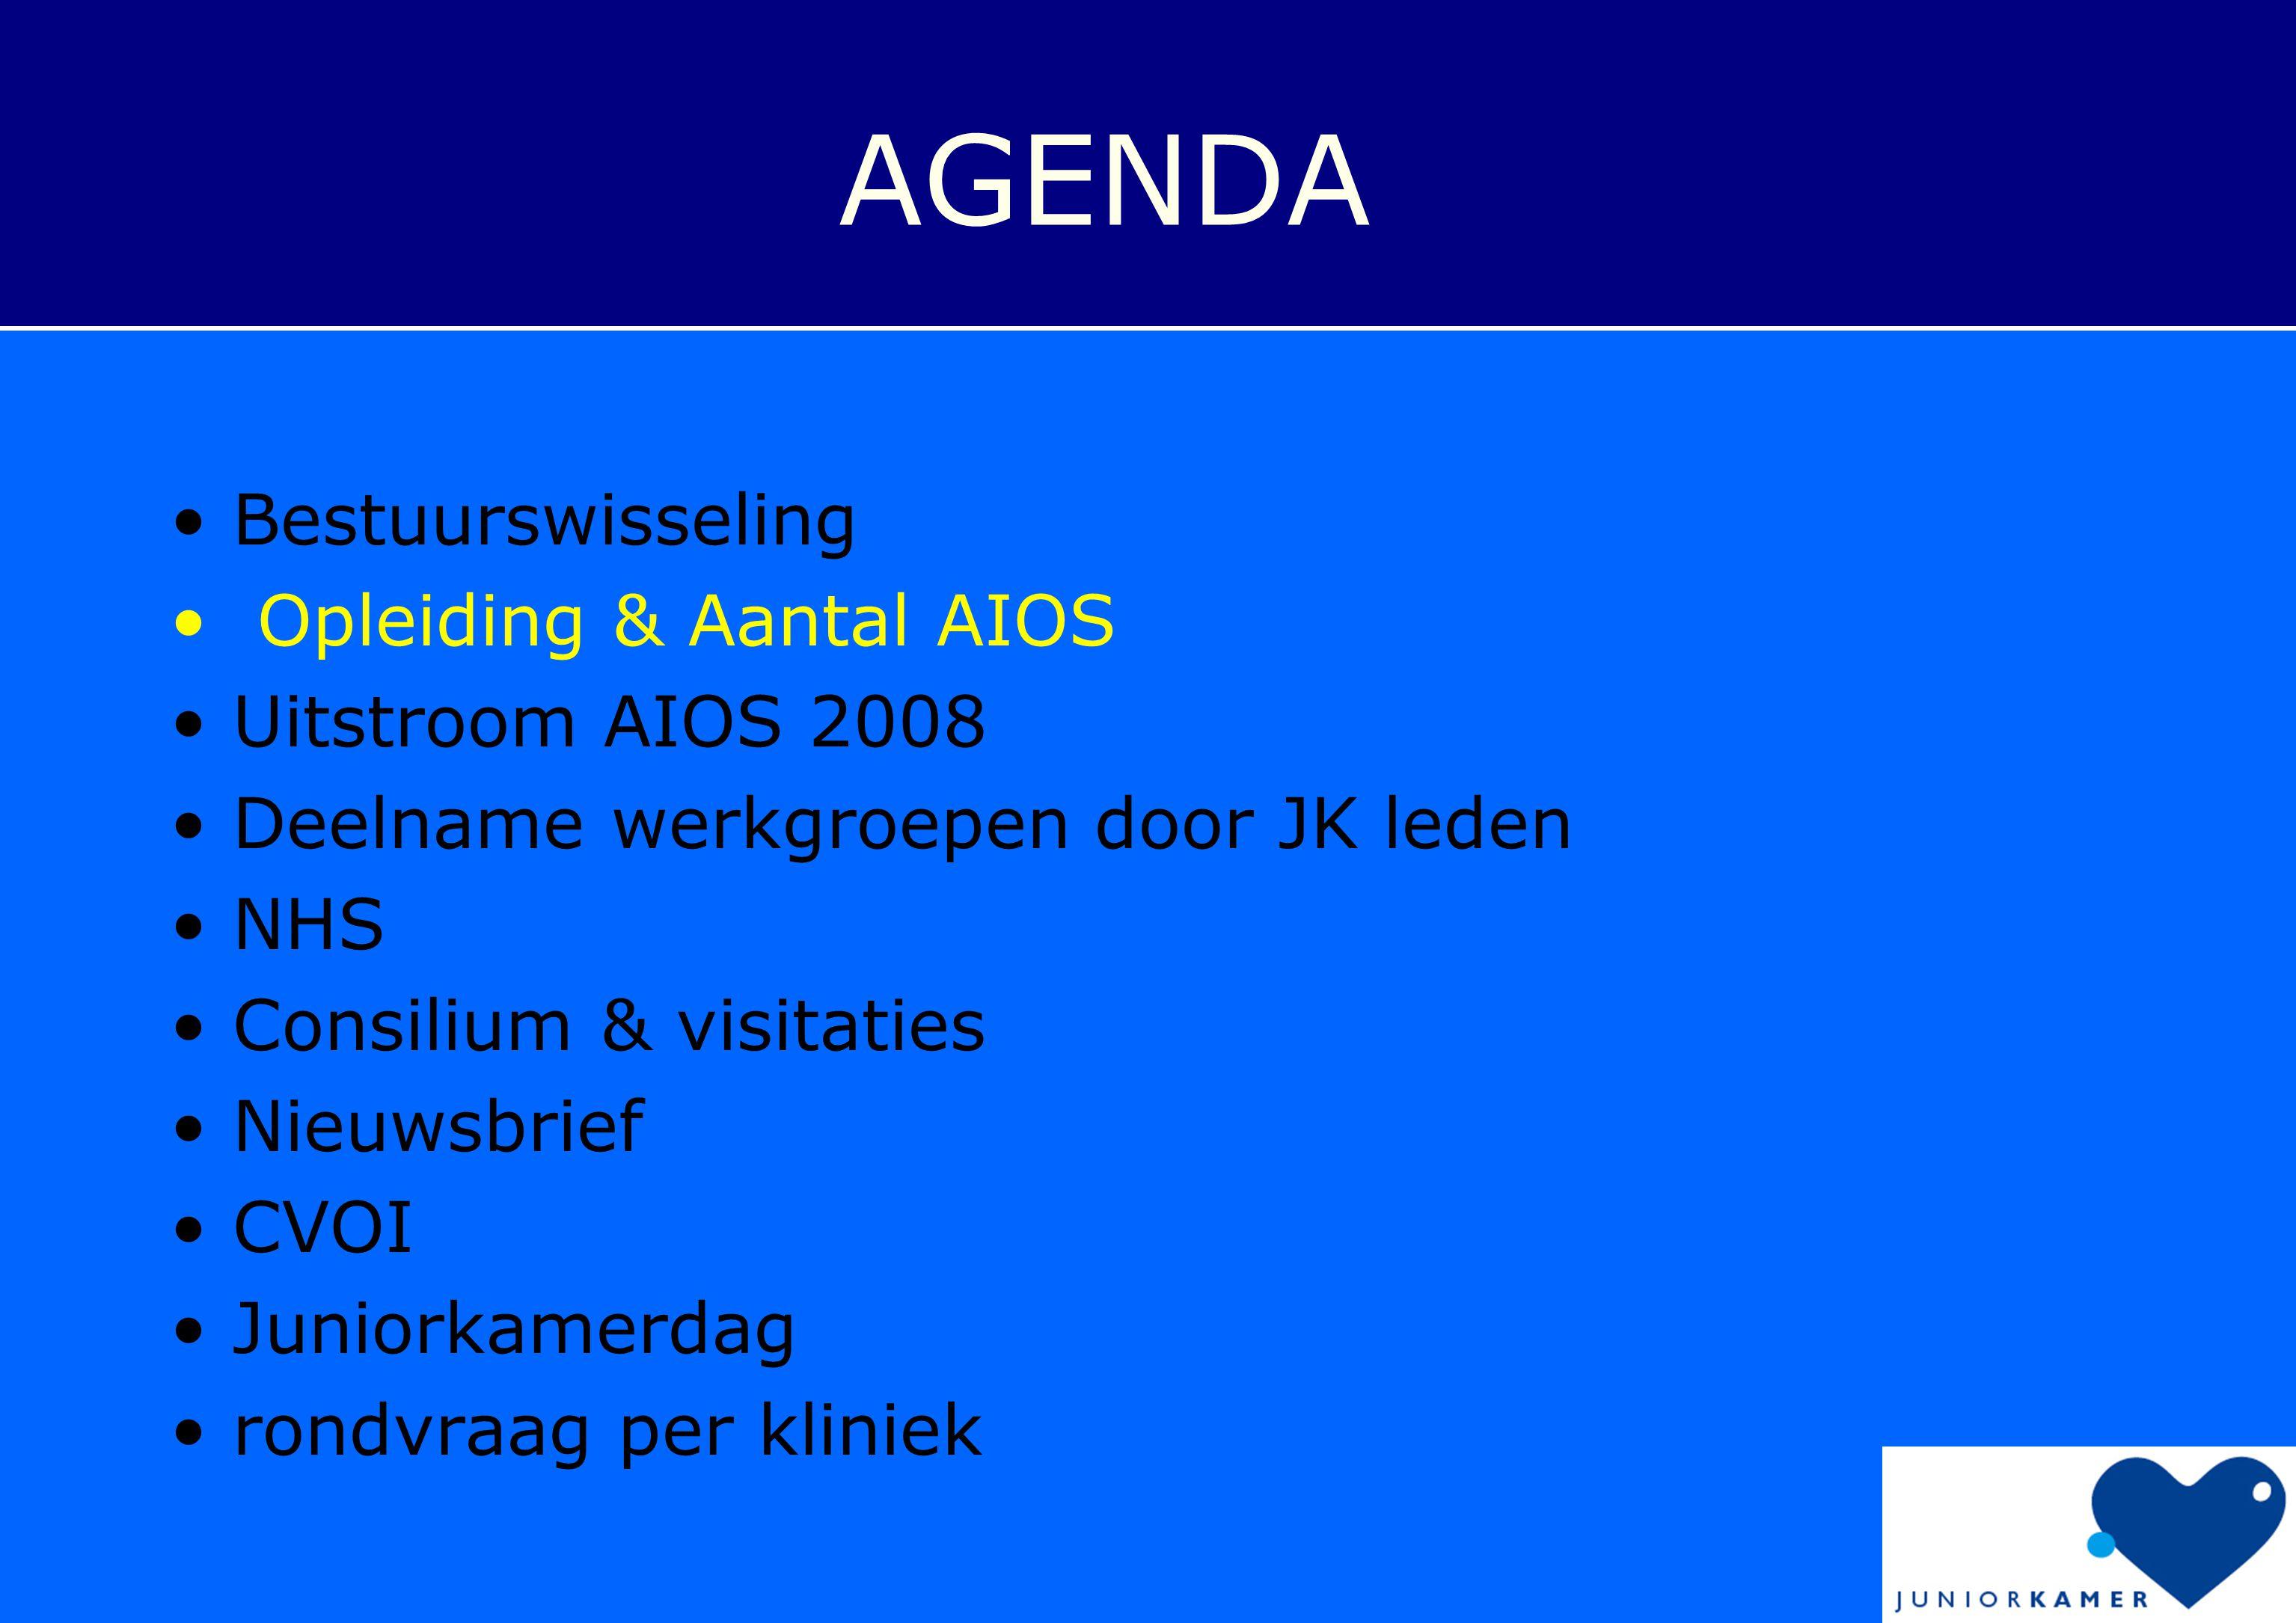 AGENDA • Bestuurswisseling • Opleiding & Aantal AIOS • Uitstroom AIOS 2008 • Deelname werkgroepen door JK leden • NHS • Consilium & visitaties • Nieuwsbrief • CVOI • Juniorkamerdag • rondvraag per kliniek